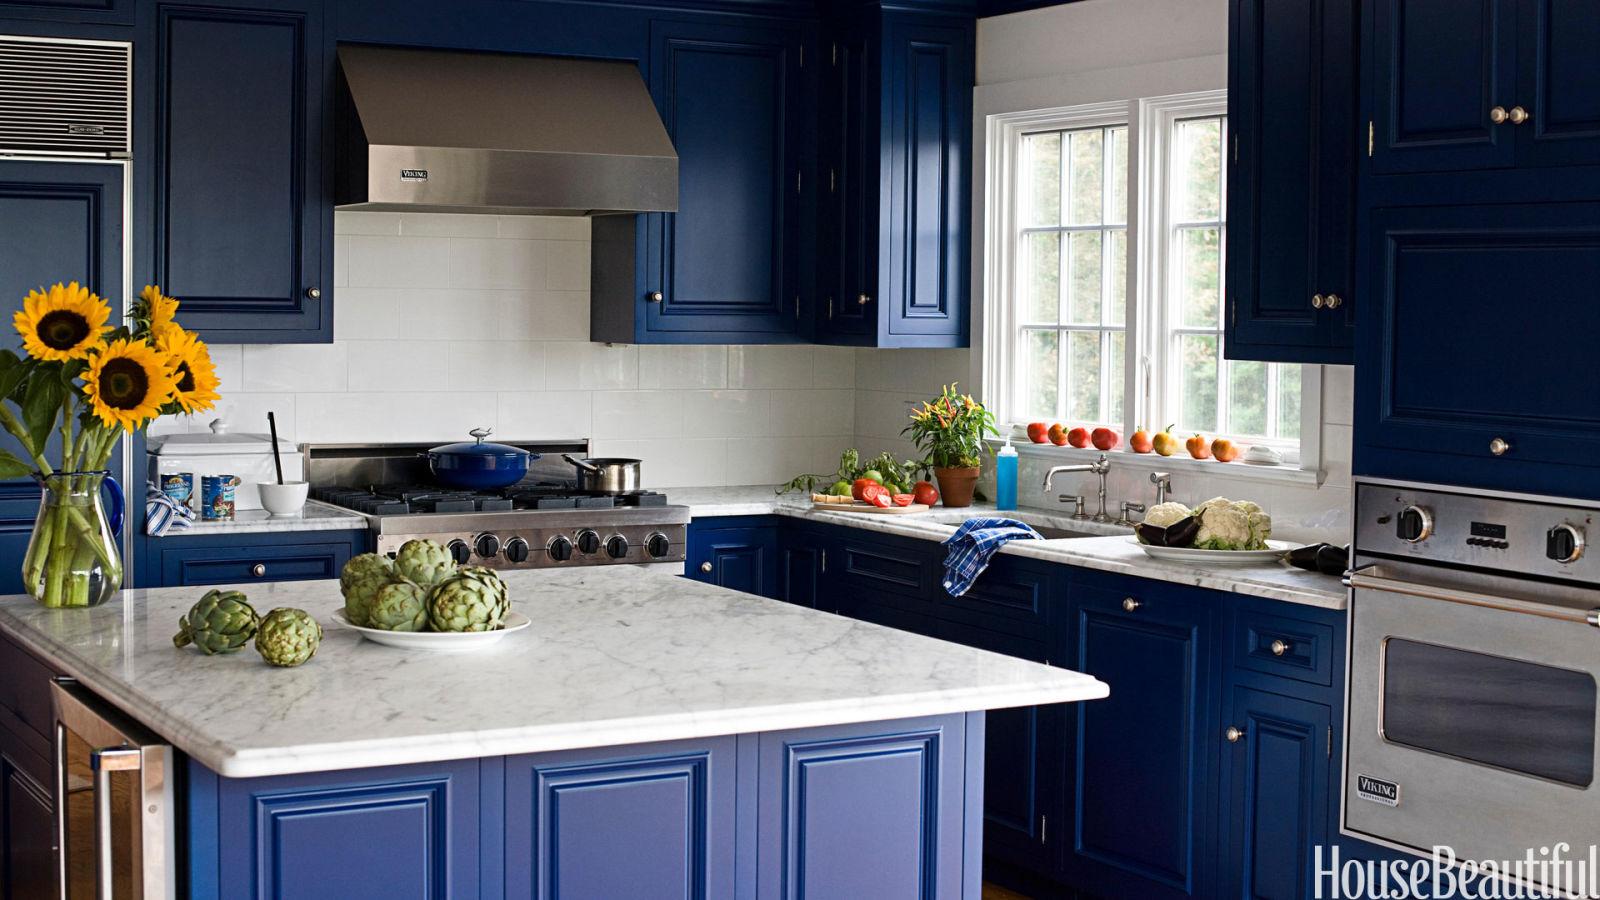 kitchen colour 20+ best kitchen paint colors - ideas for popular kitchen colors CKINWSA